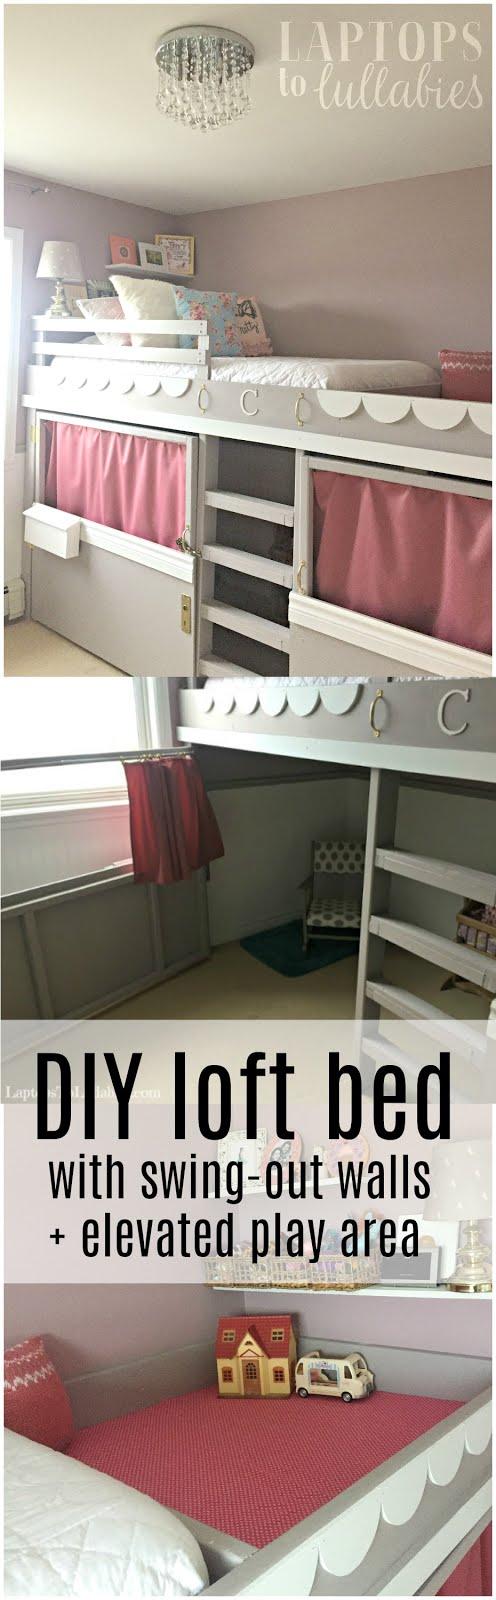 Featured kids' room DIY